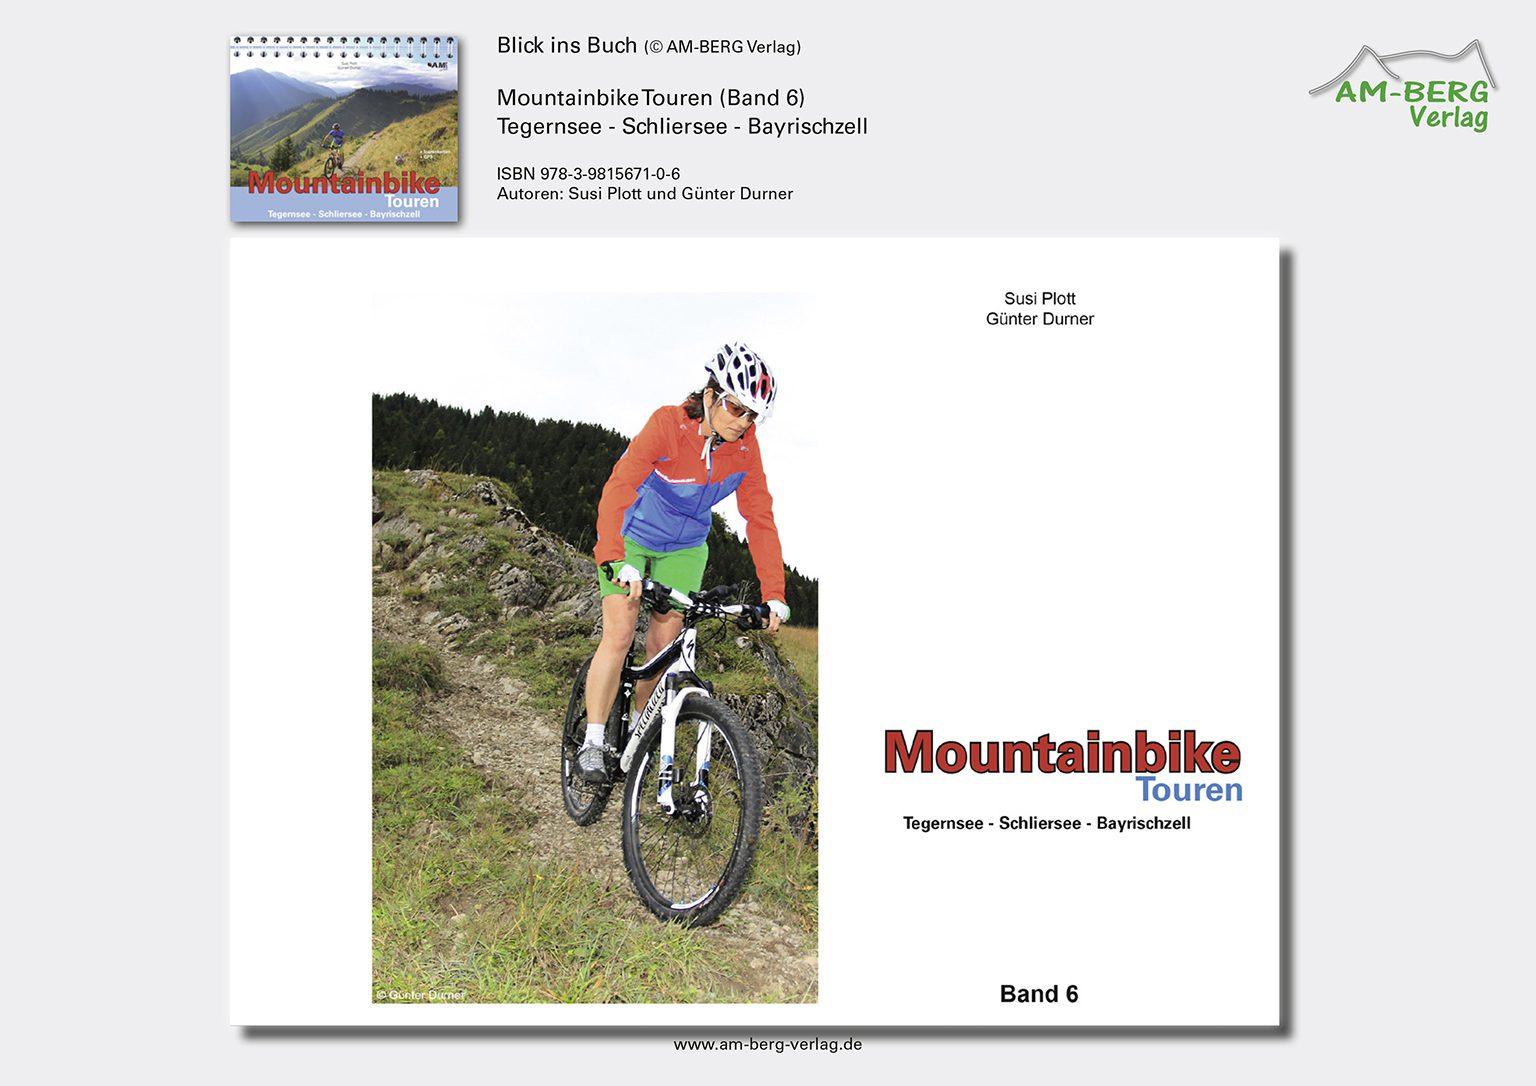 Mountainbike Touren Tegernsee-Schliersee-Bayrischzell (Band 6)_BlickinsBuch1